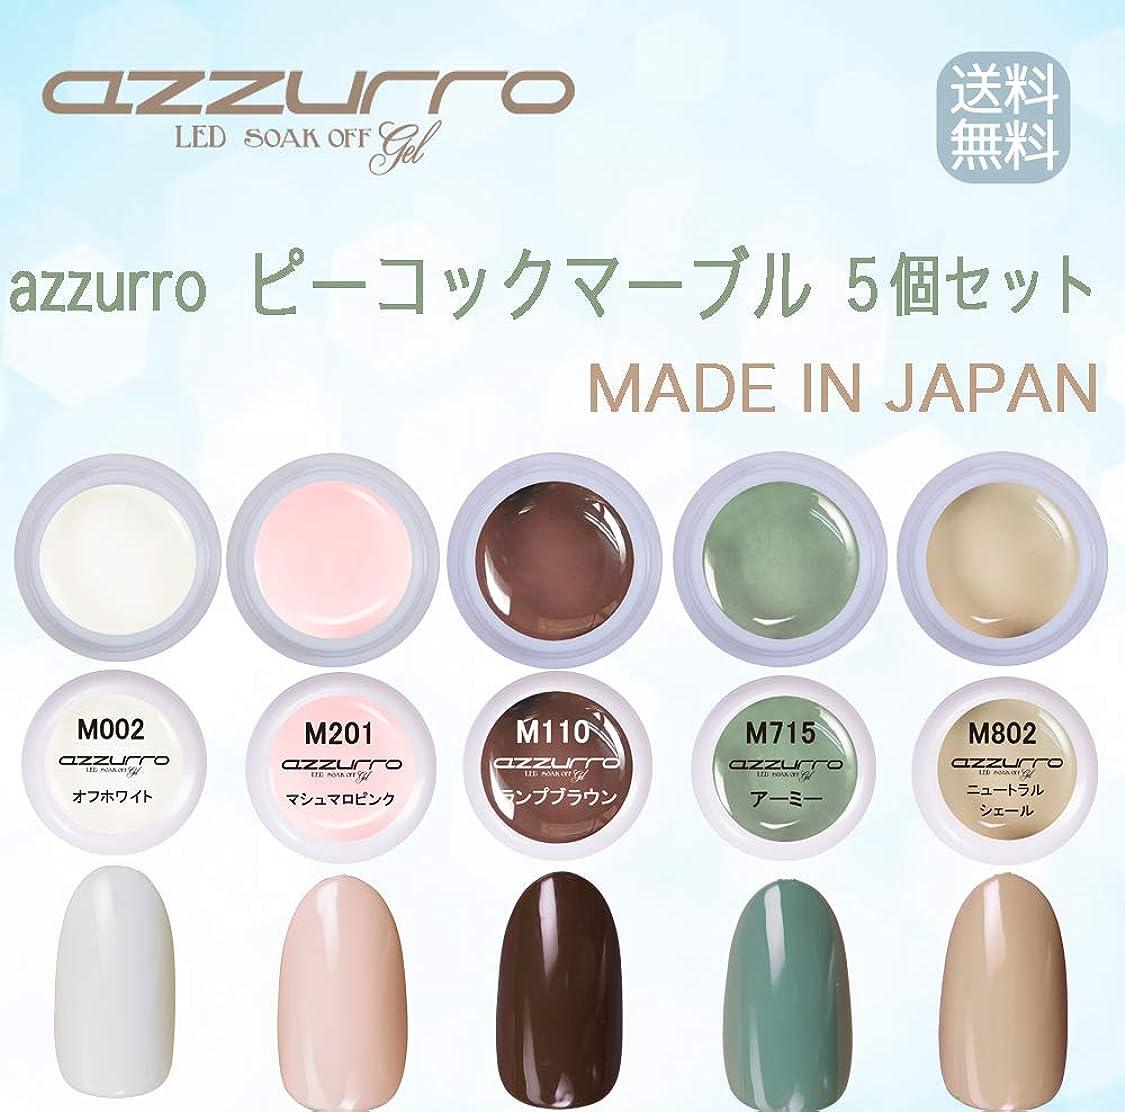 能力暴力コミット【送料無料】日本製 azzurro gel ピーコックマーブルカラージェル5個セット 簡単でおしゃれにアートができるフェザーマーブルカラー